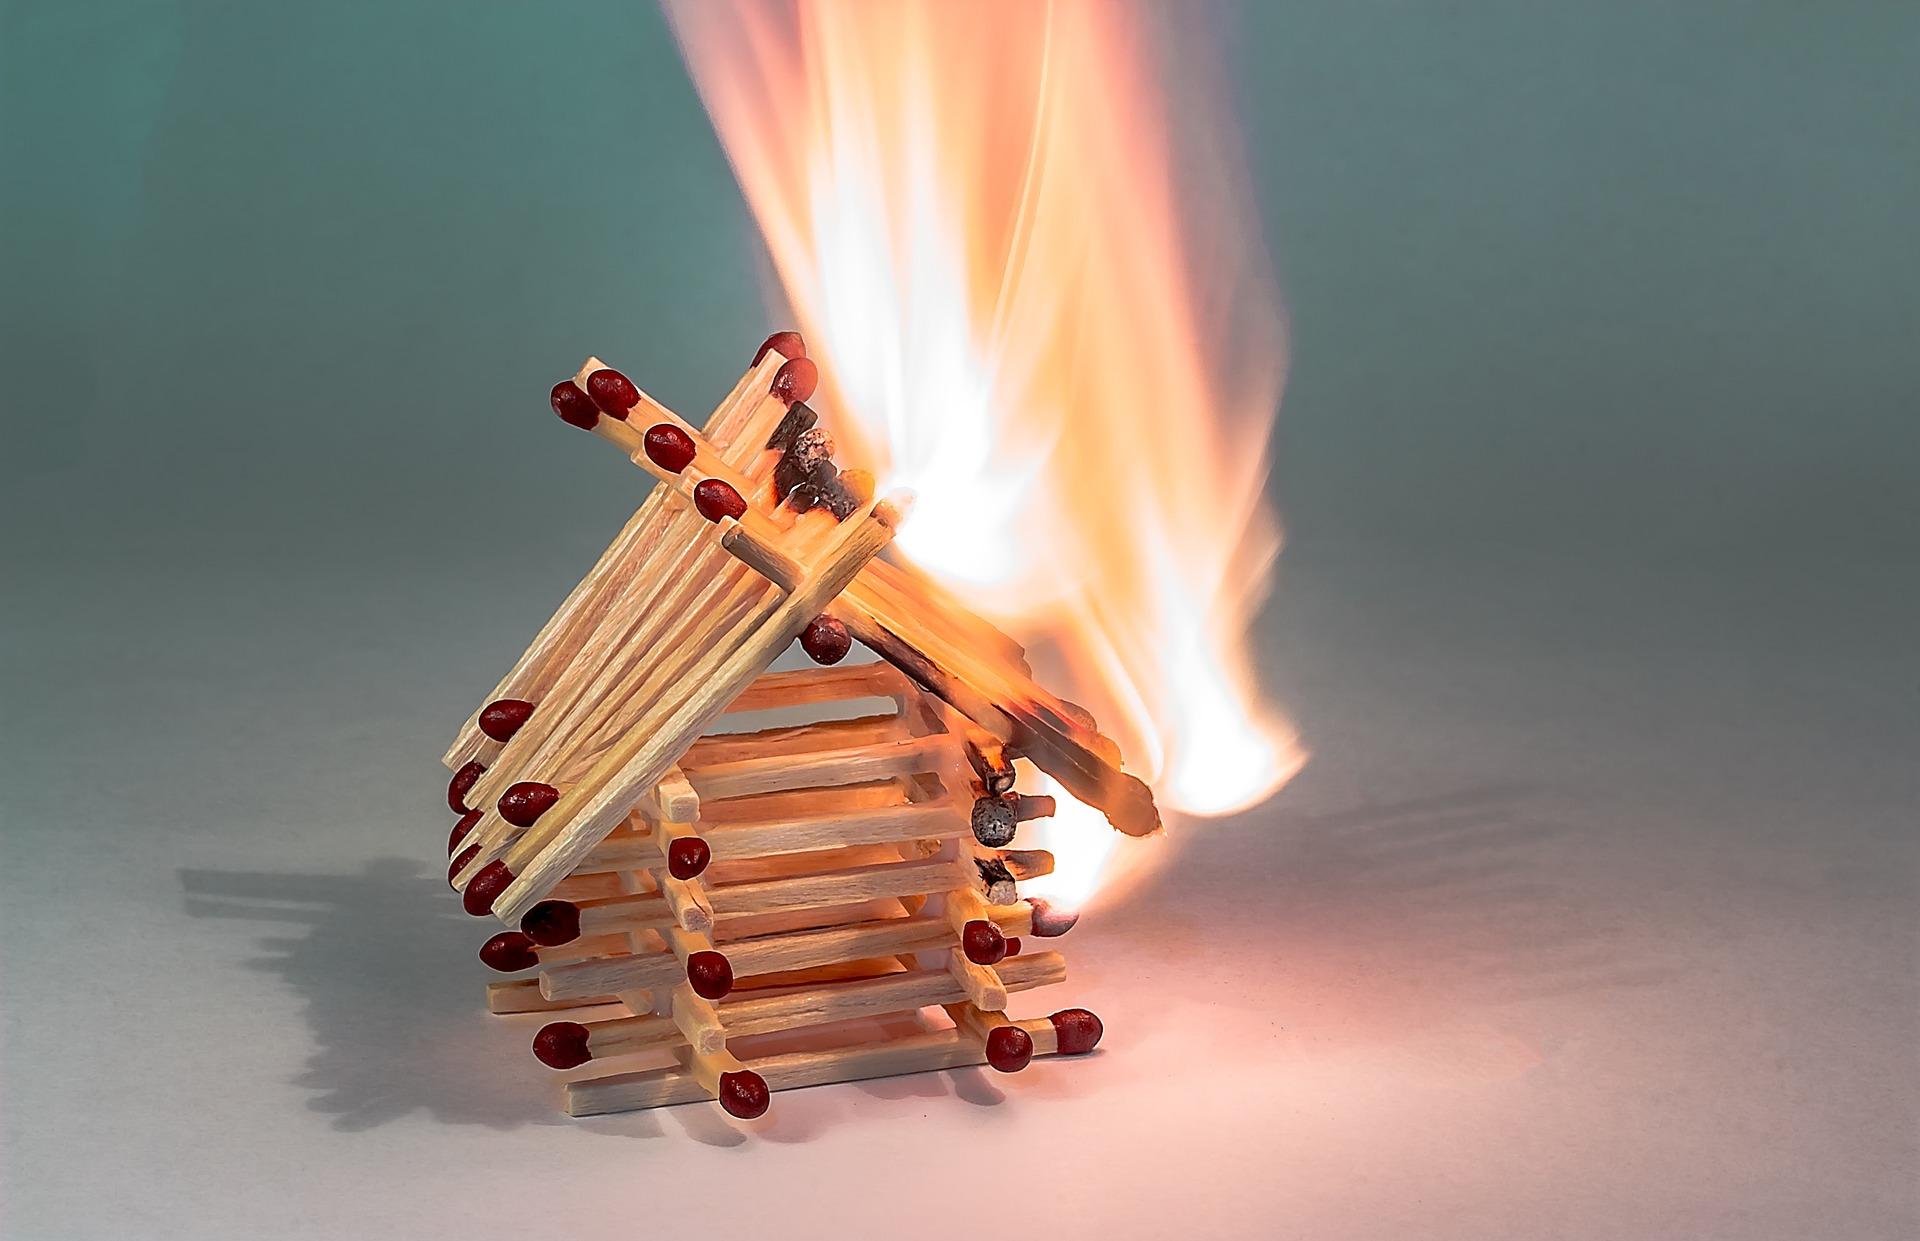 Ein brennendes Streichholzhaus